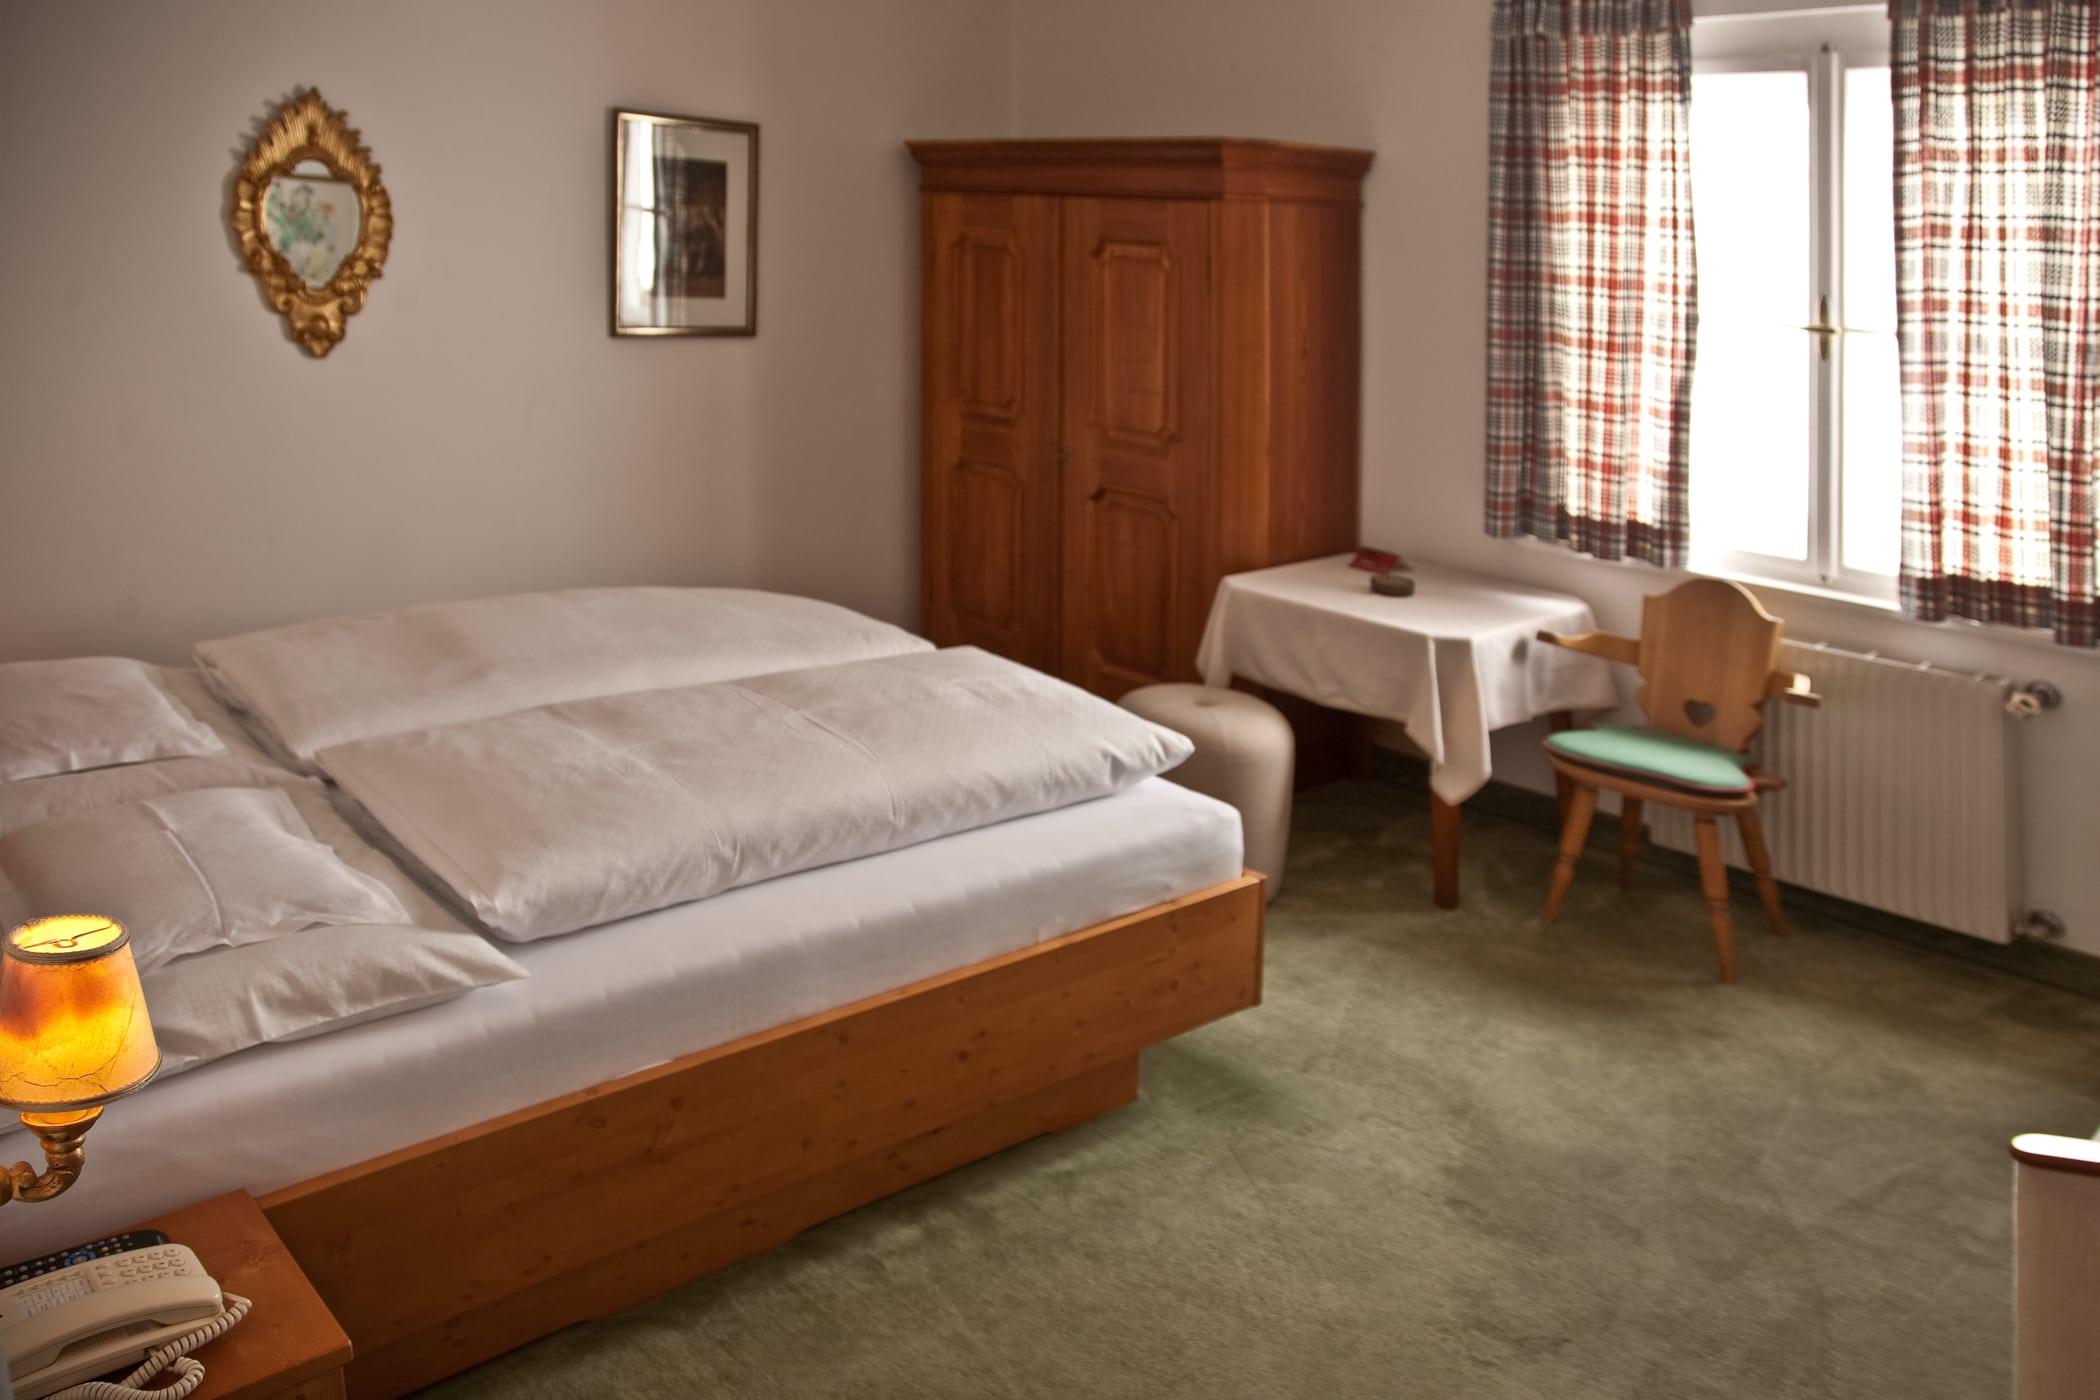 retro-1-details-schlafen-und-apres-ski-und-wohnen-hotel-flexen-zuers-am-arlberg